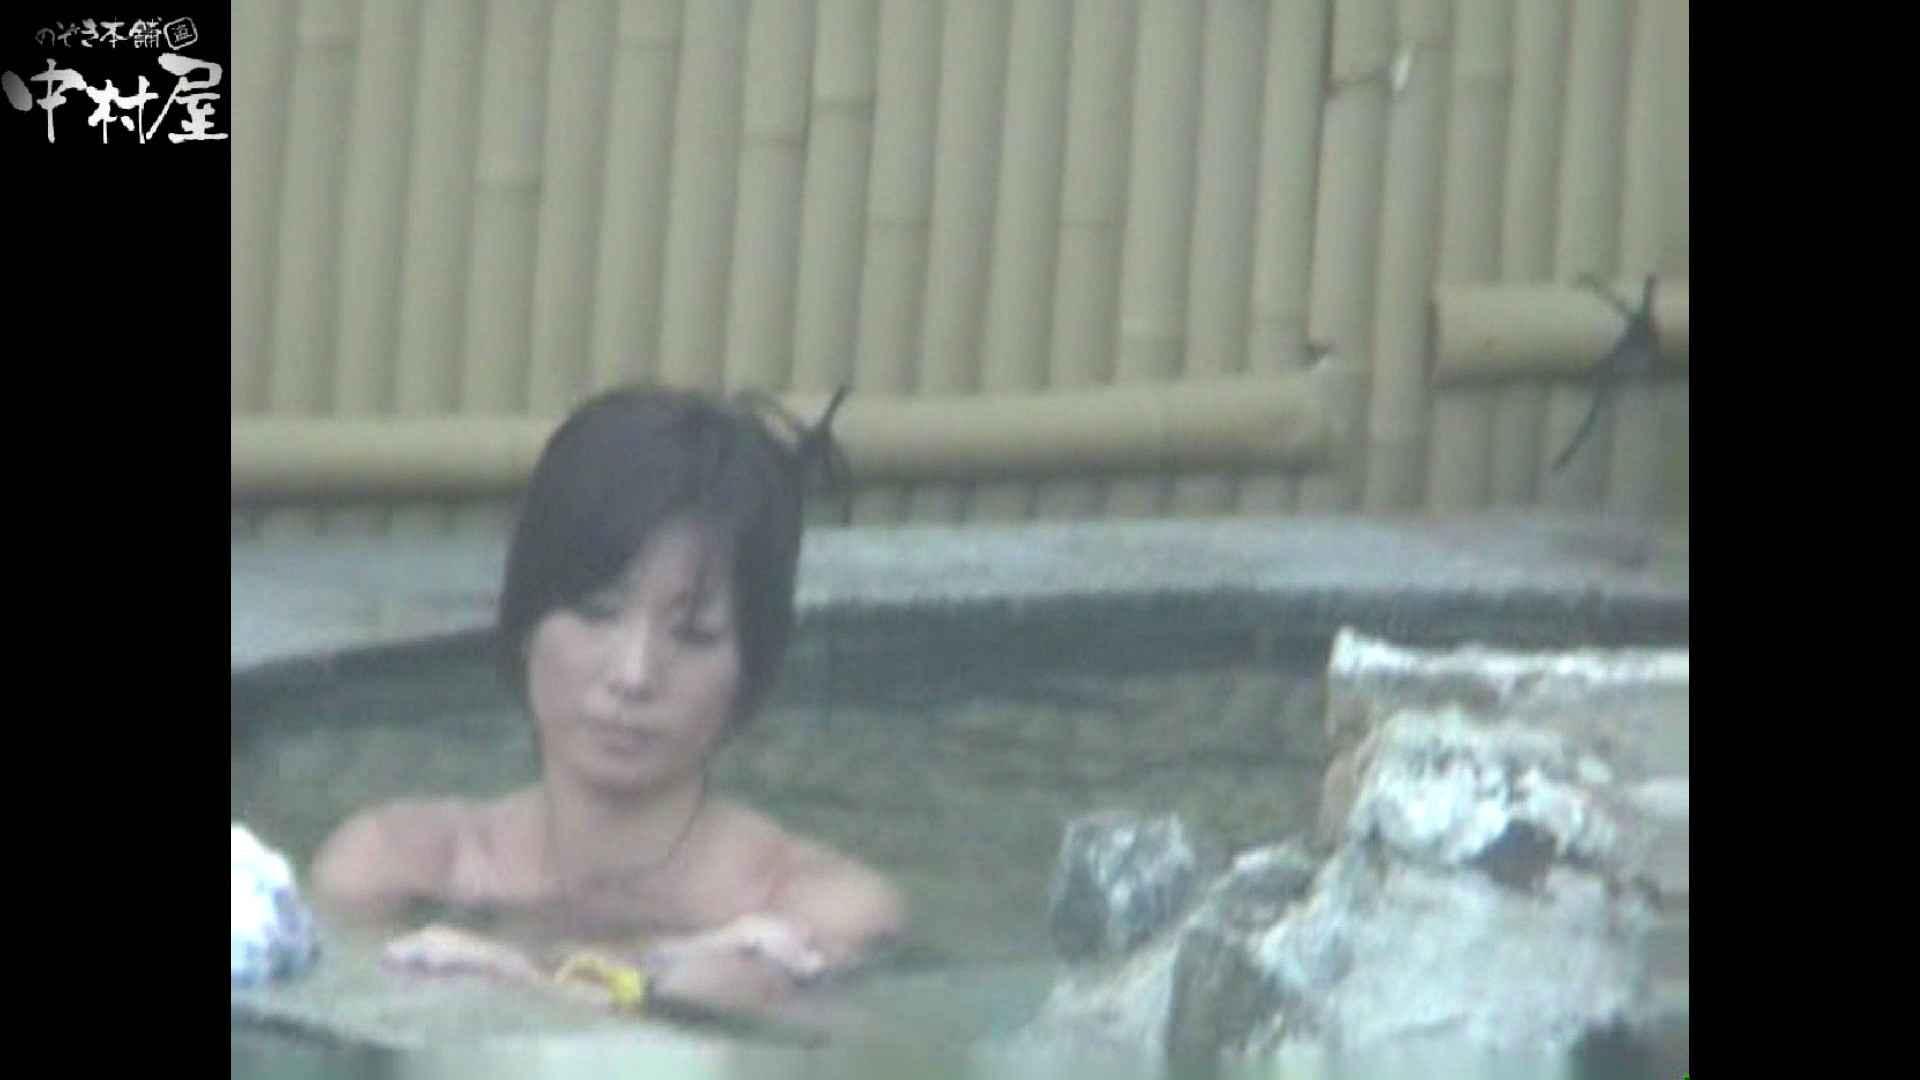 Aquaな露天風呂Vol.972 OLのエロ生活  105連発 66